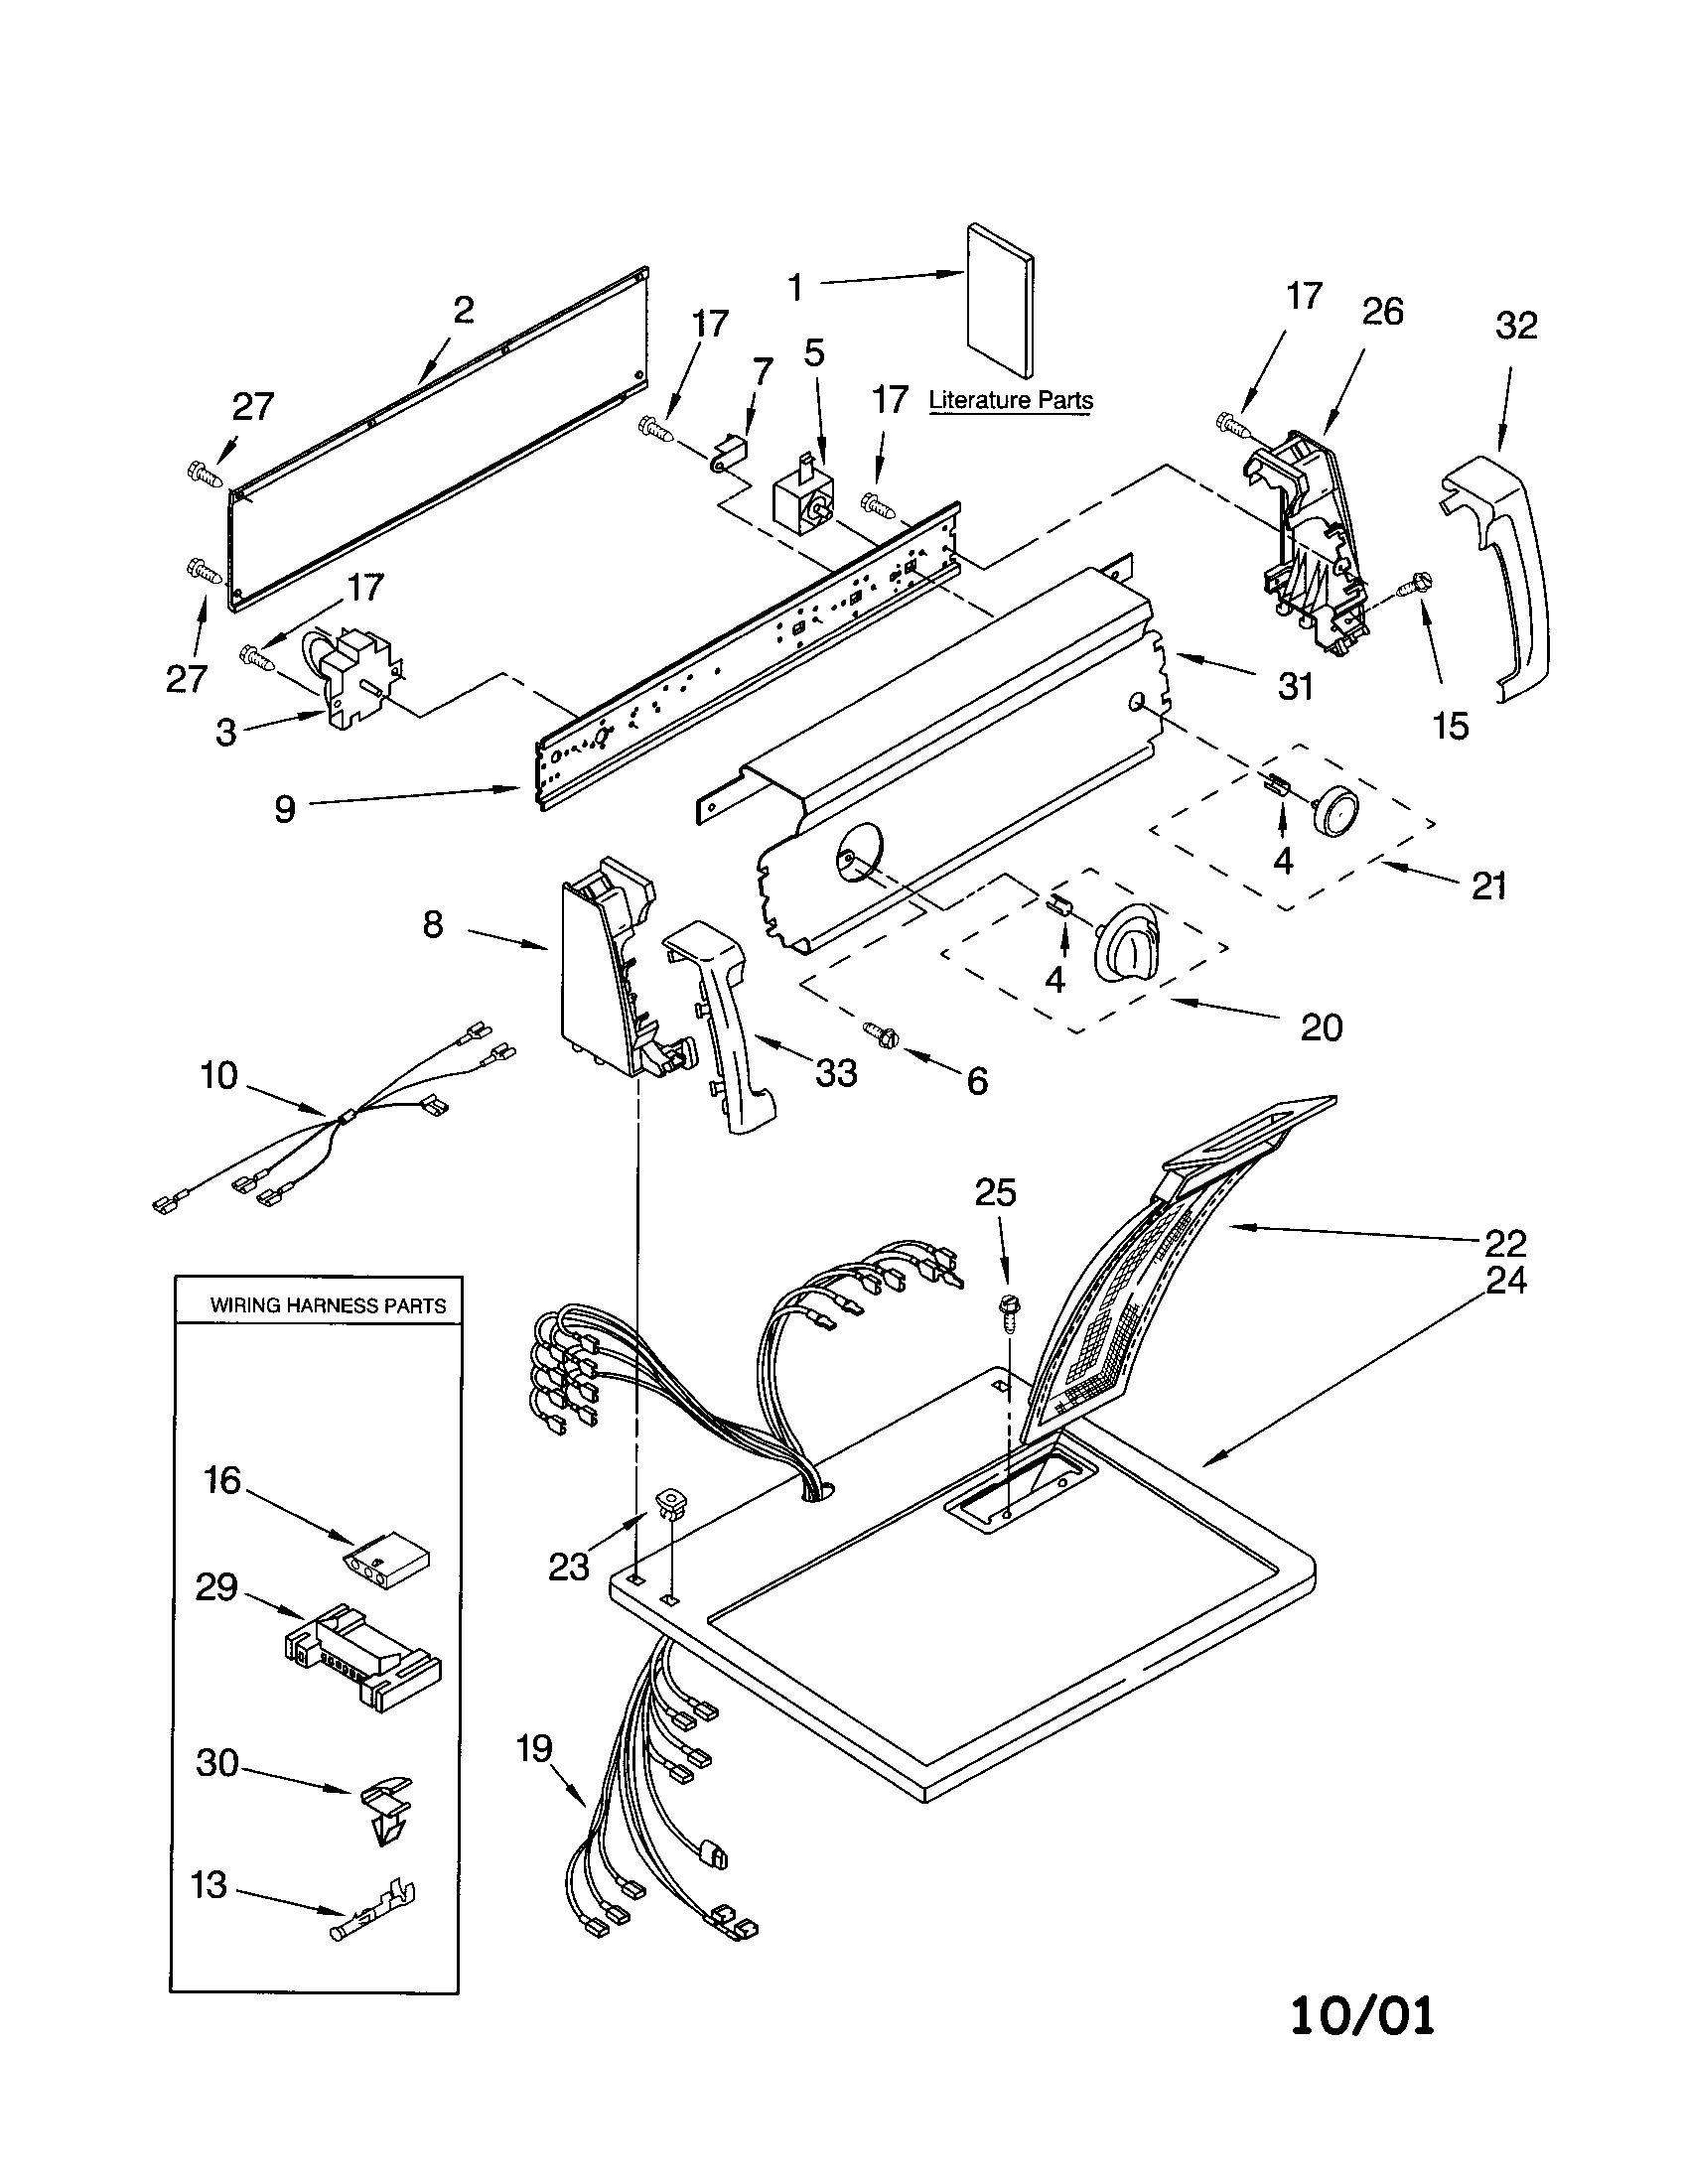 kenmore elite heating element wiring diagram